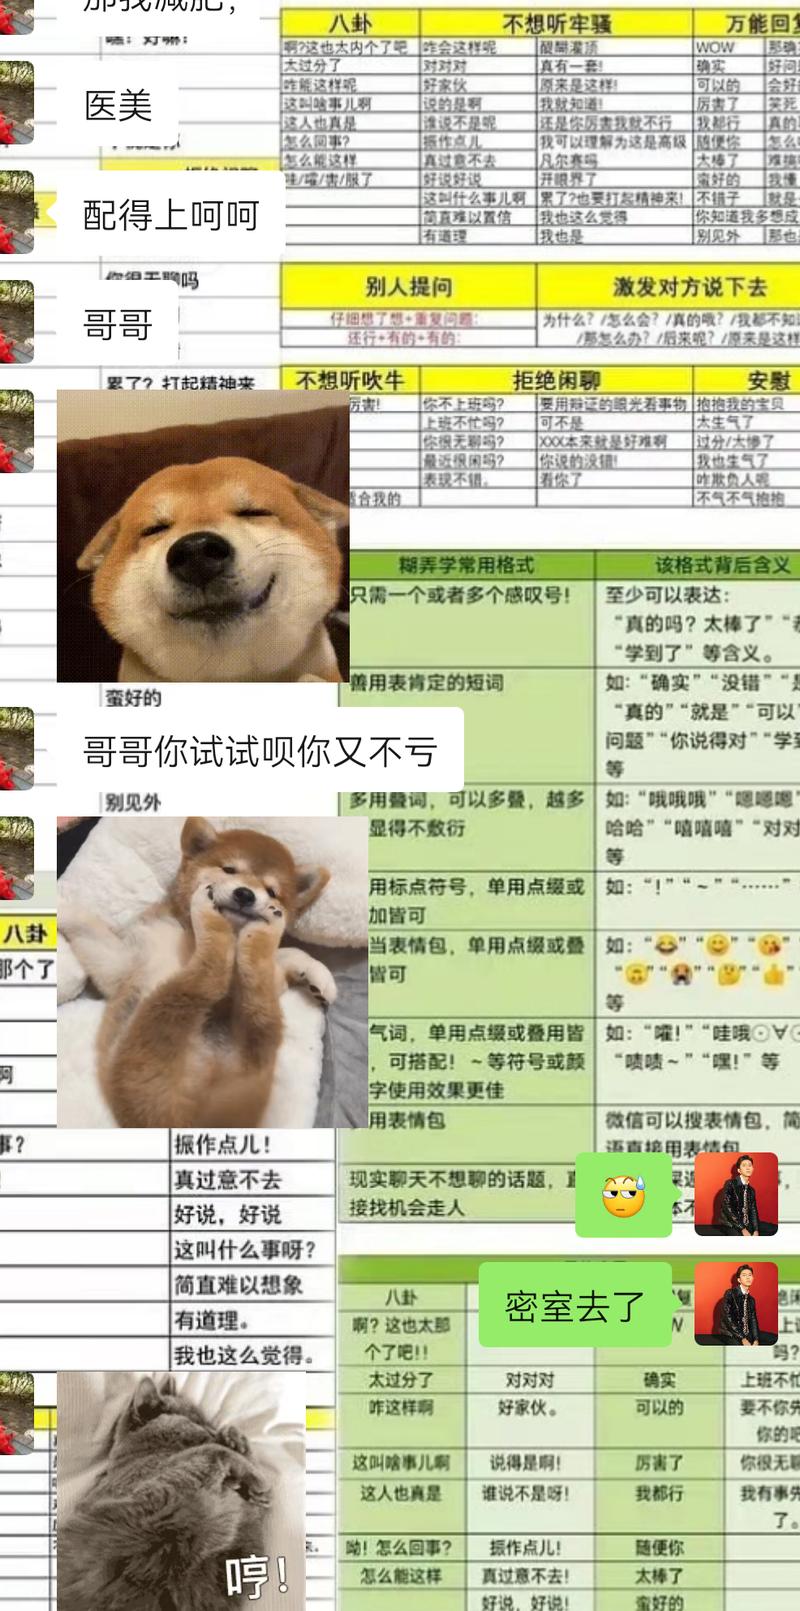 舔狗日记于2021-07-14 14:29发布的图片